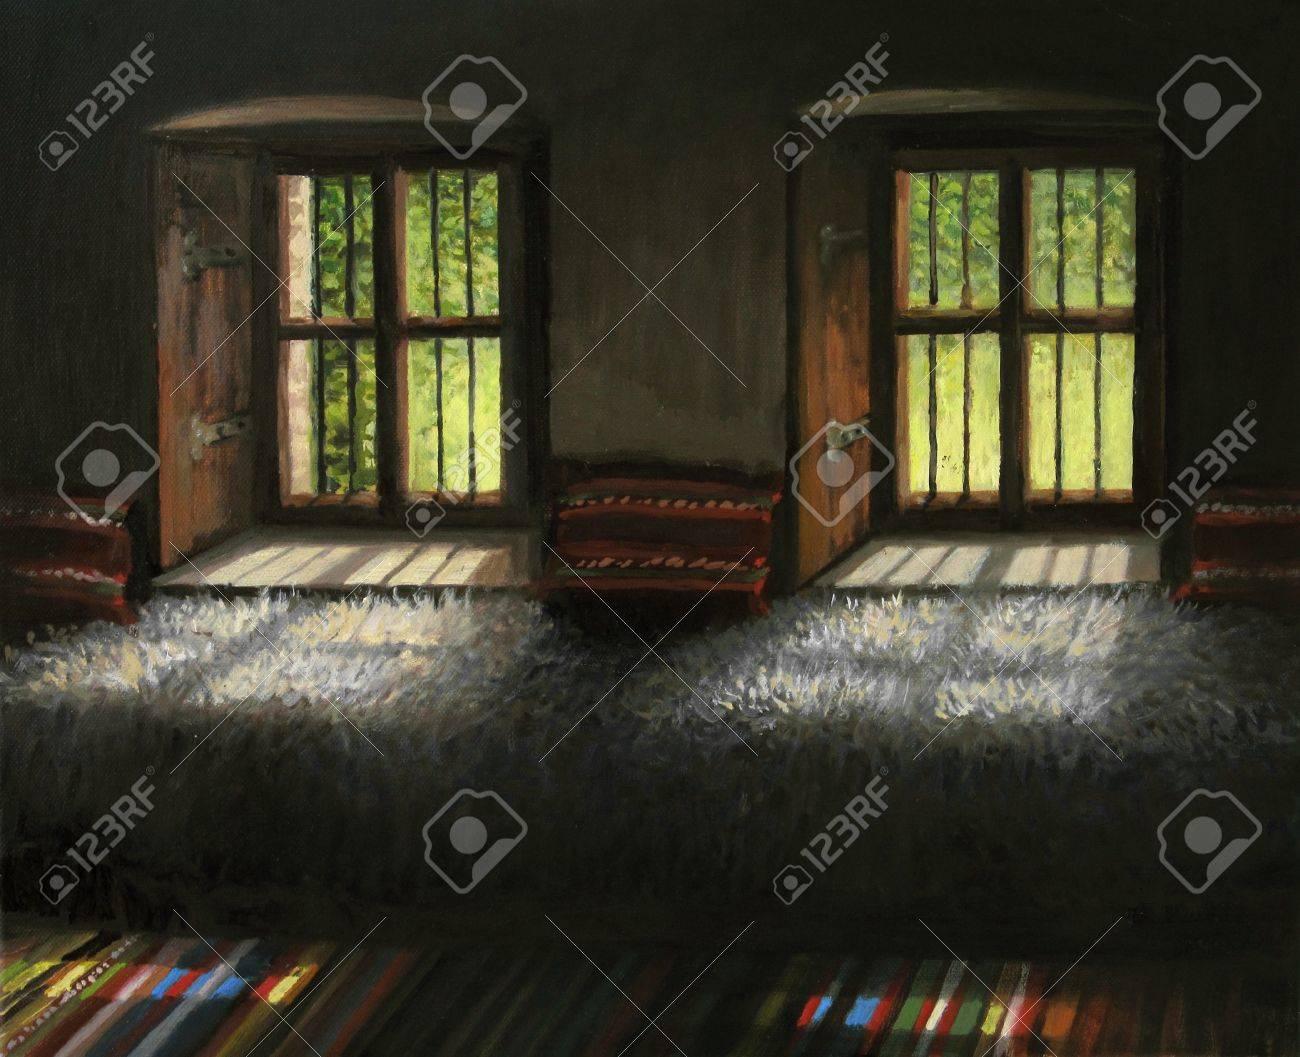 Ein Ölgemälde Auf Leinwand Von Einem Interior In Einem Der ...